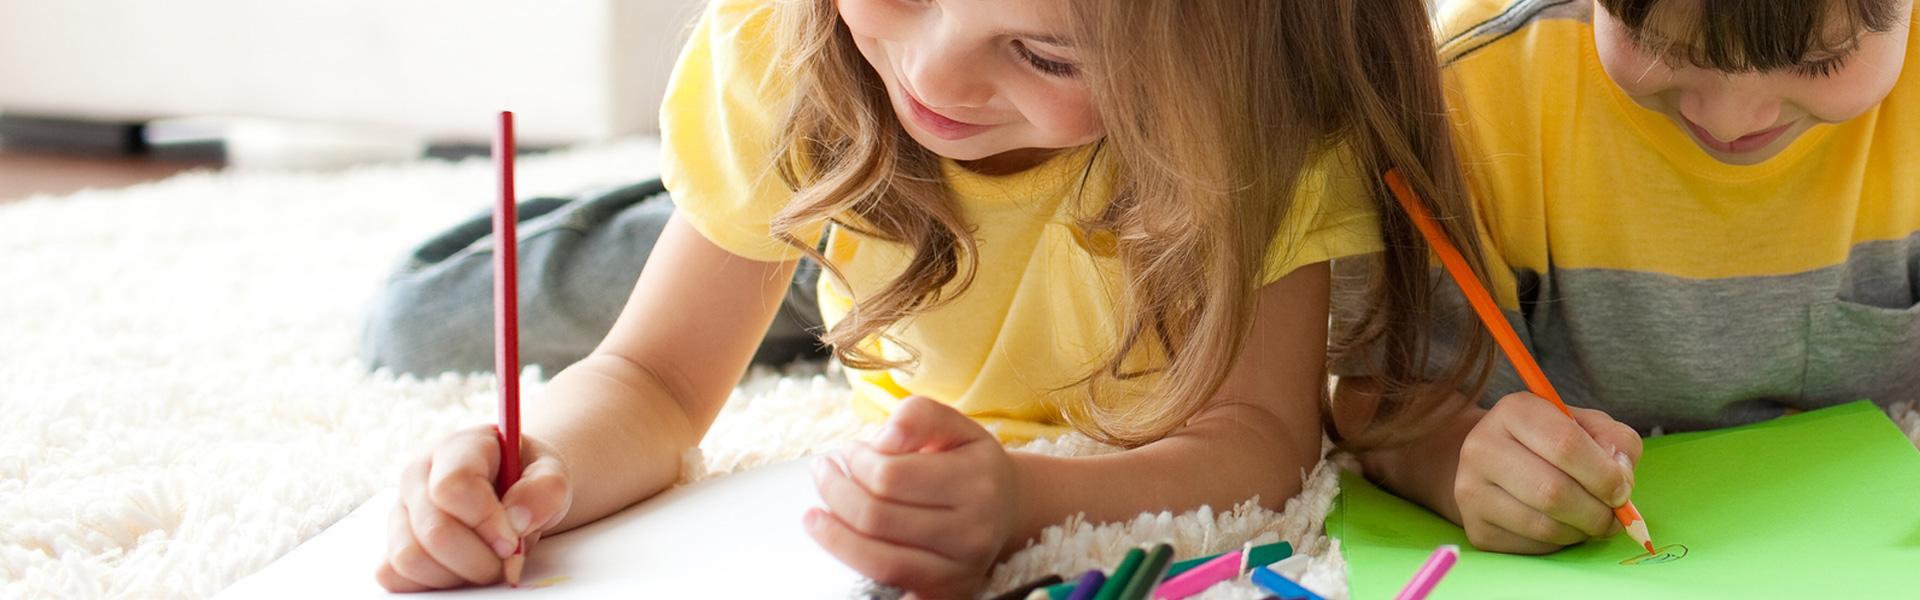 Sketch Off for Kids